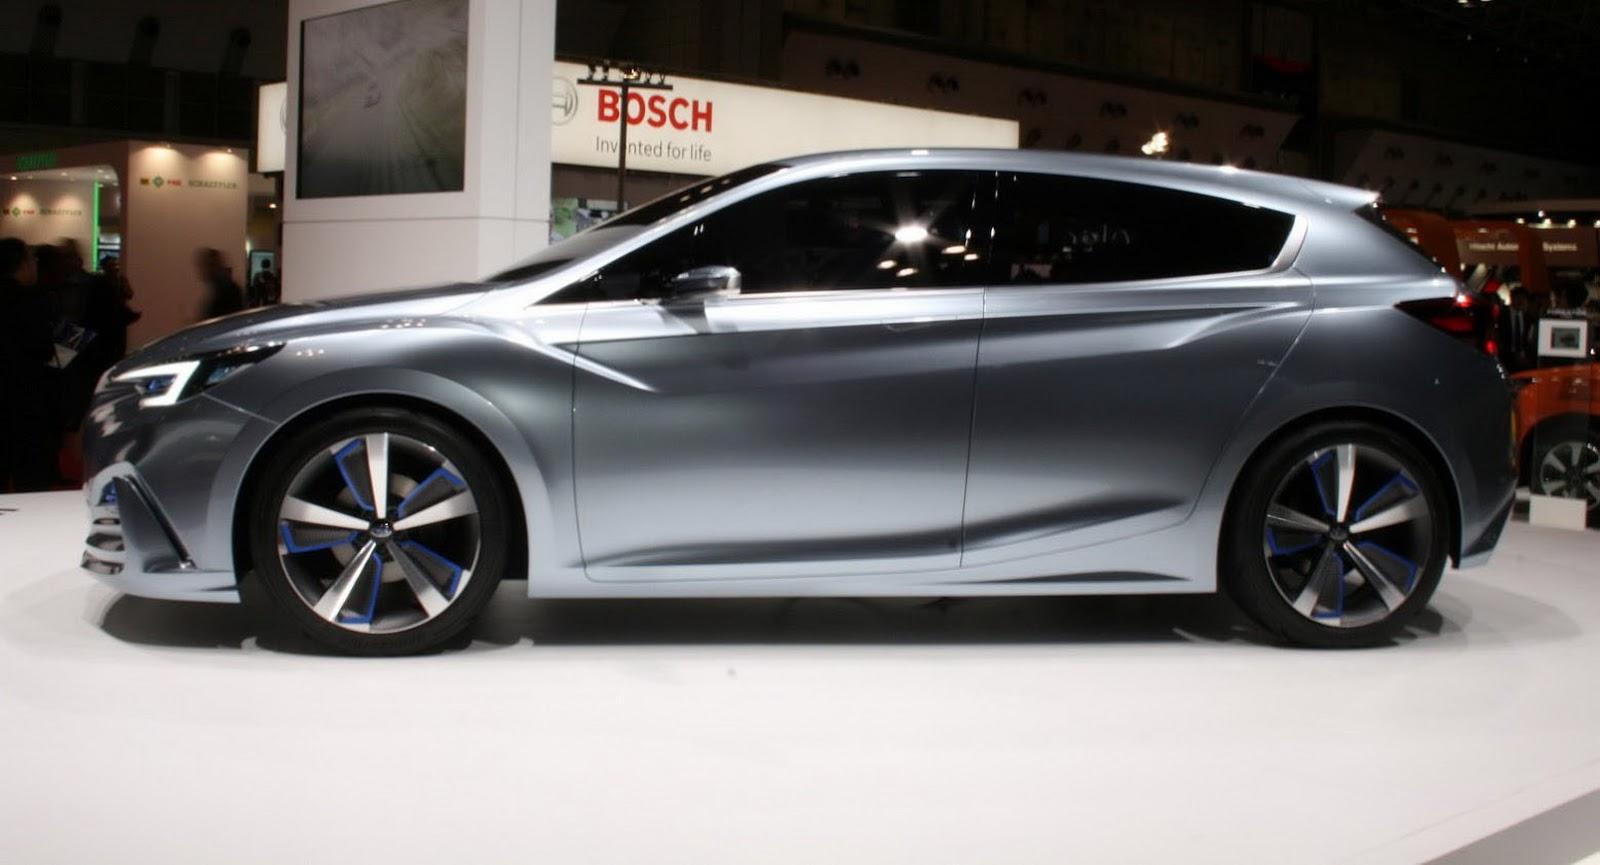 Subaru Impreza Hatchback 2017 Estabilidad Agilidad Y